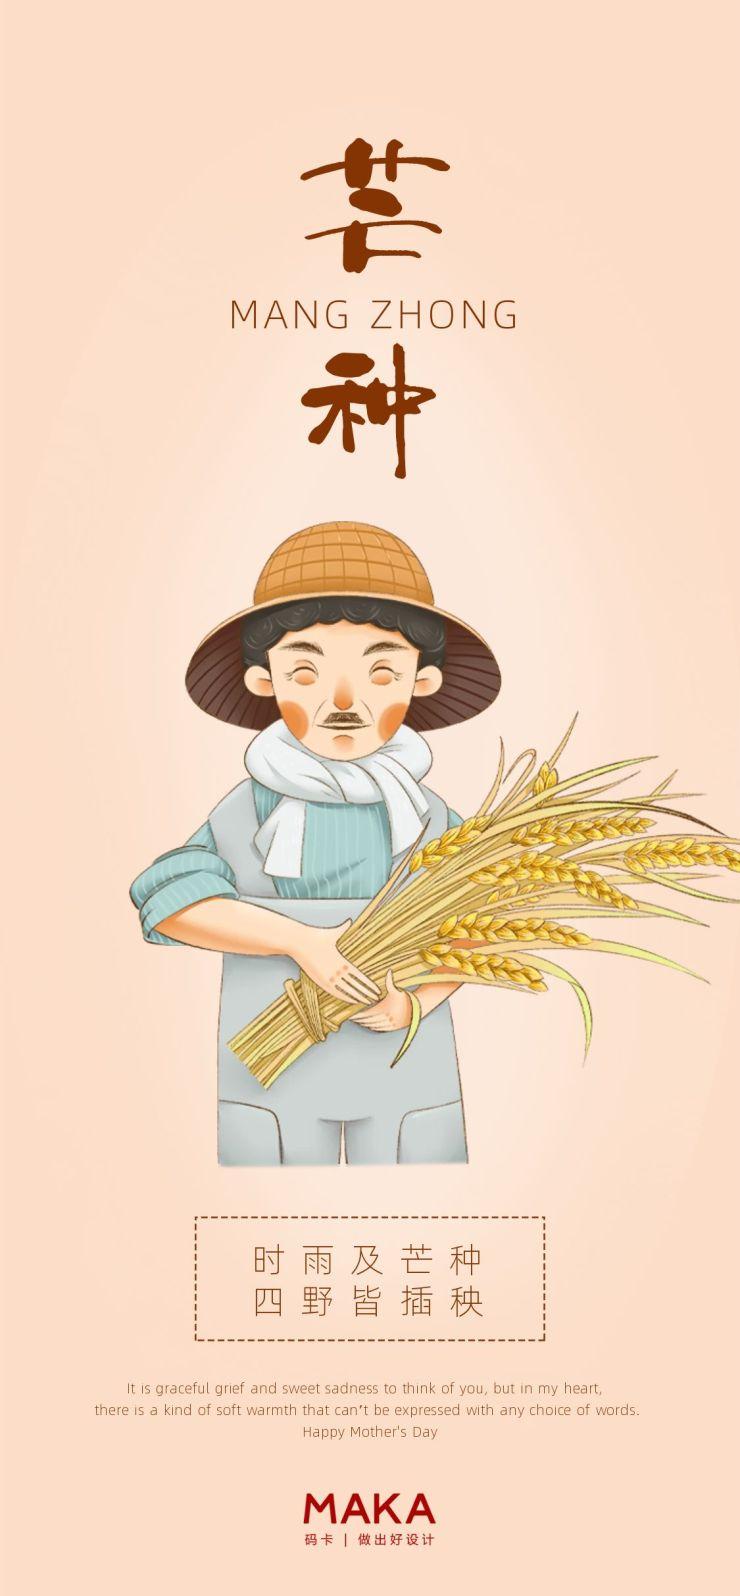 中国传统节气之芒种互联网电商APP欢迎页面开屏宣传海报模板设计